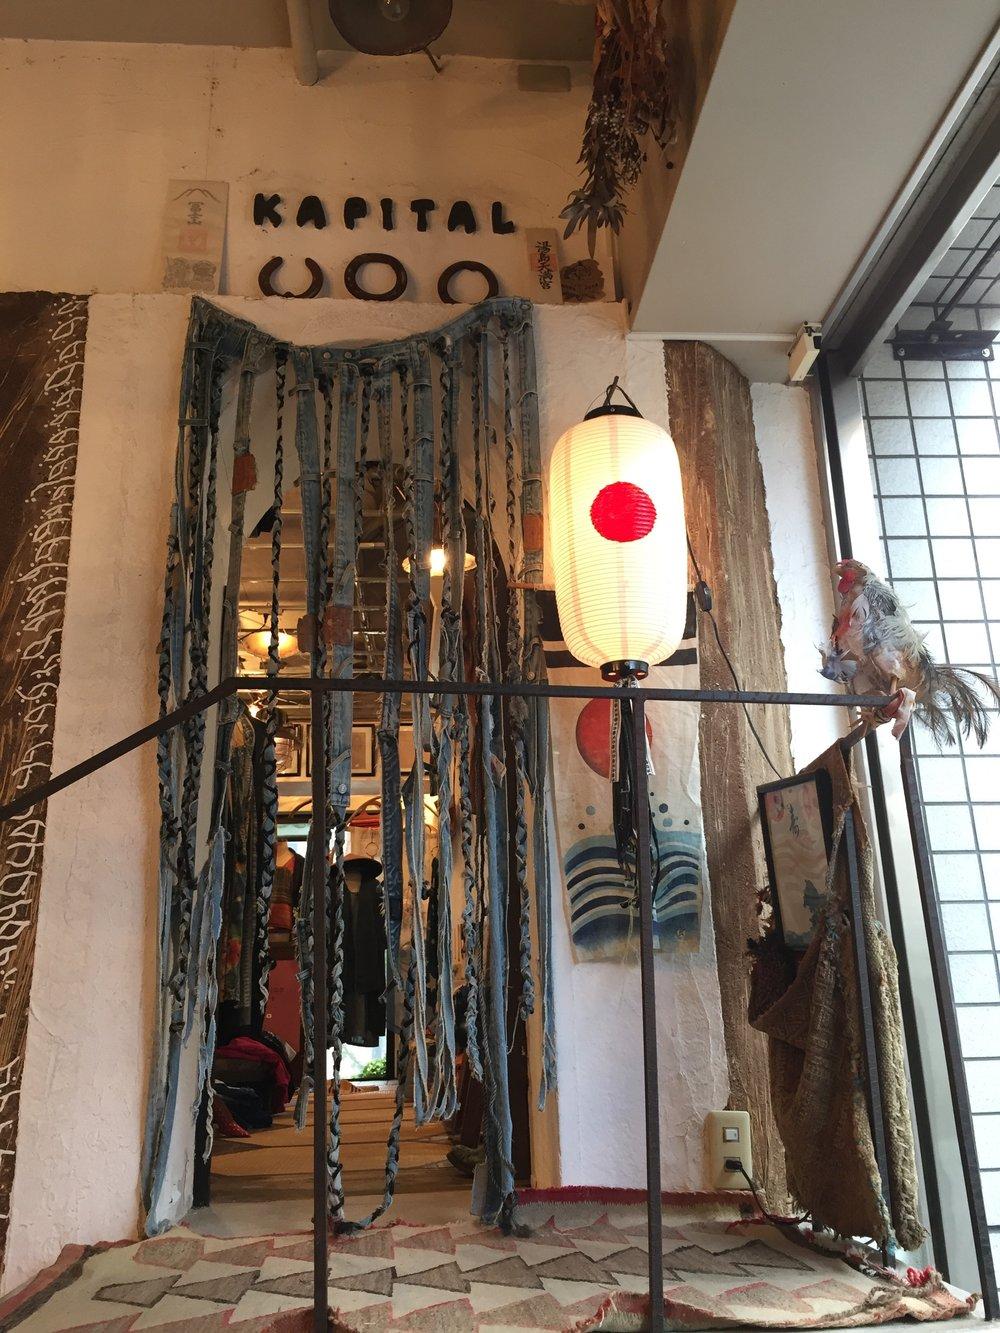 Entrance to Kapital Denim in Tokyo